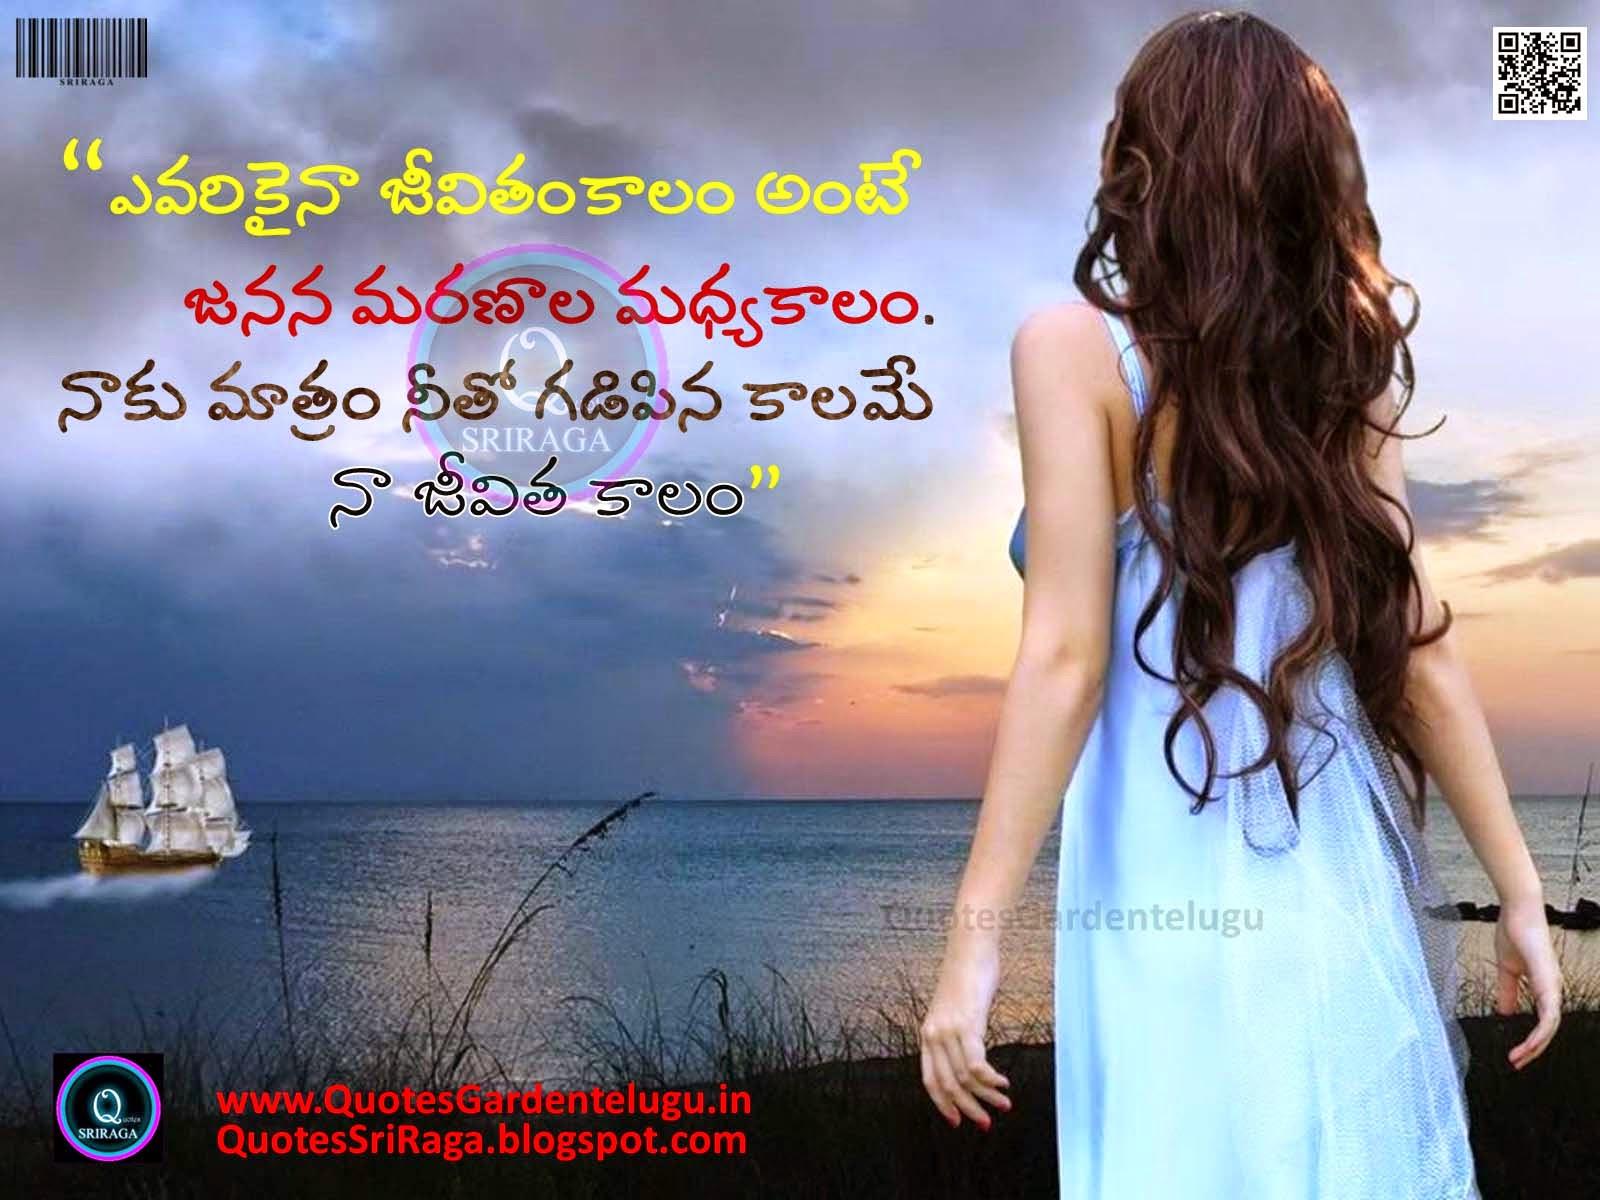 Telugu Love Quotes : Telugu Quotations On Love Heart touching love quotes in telugu quotes ...